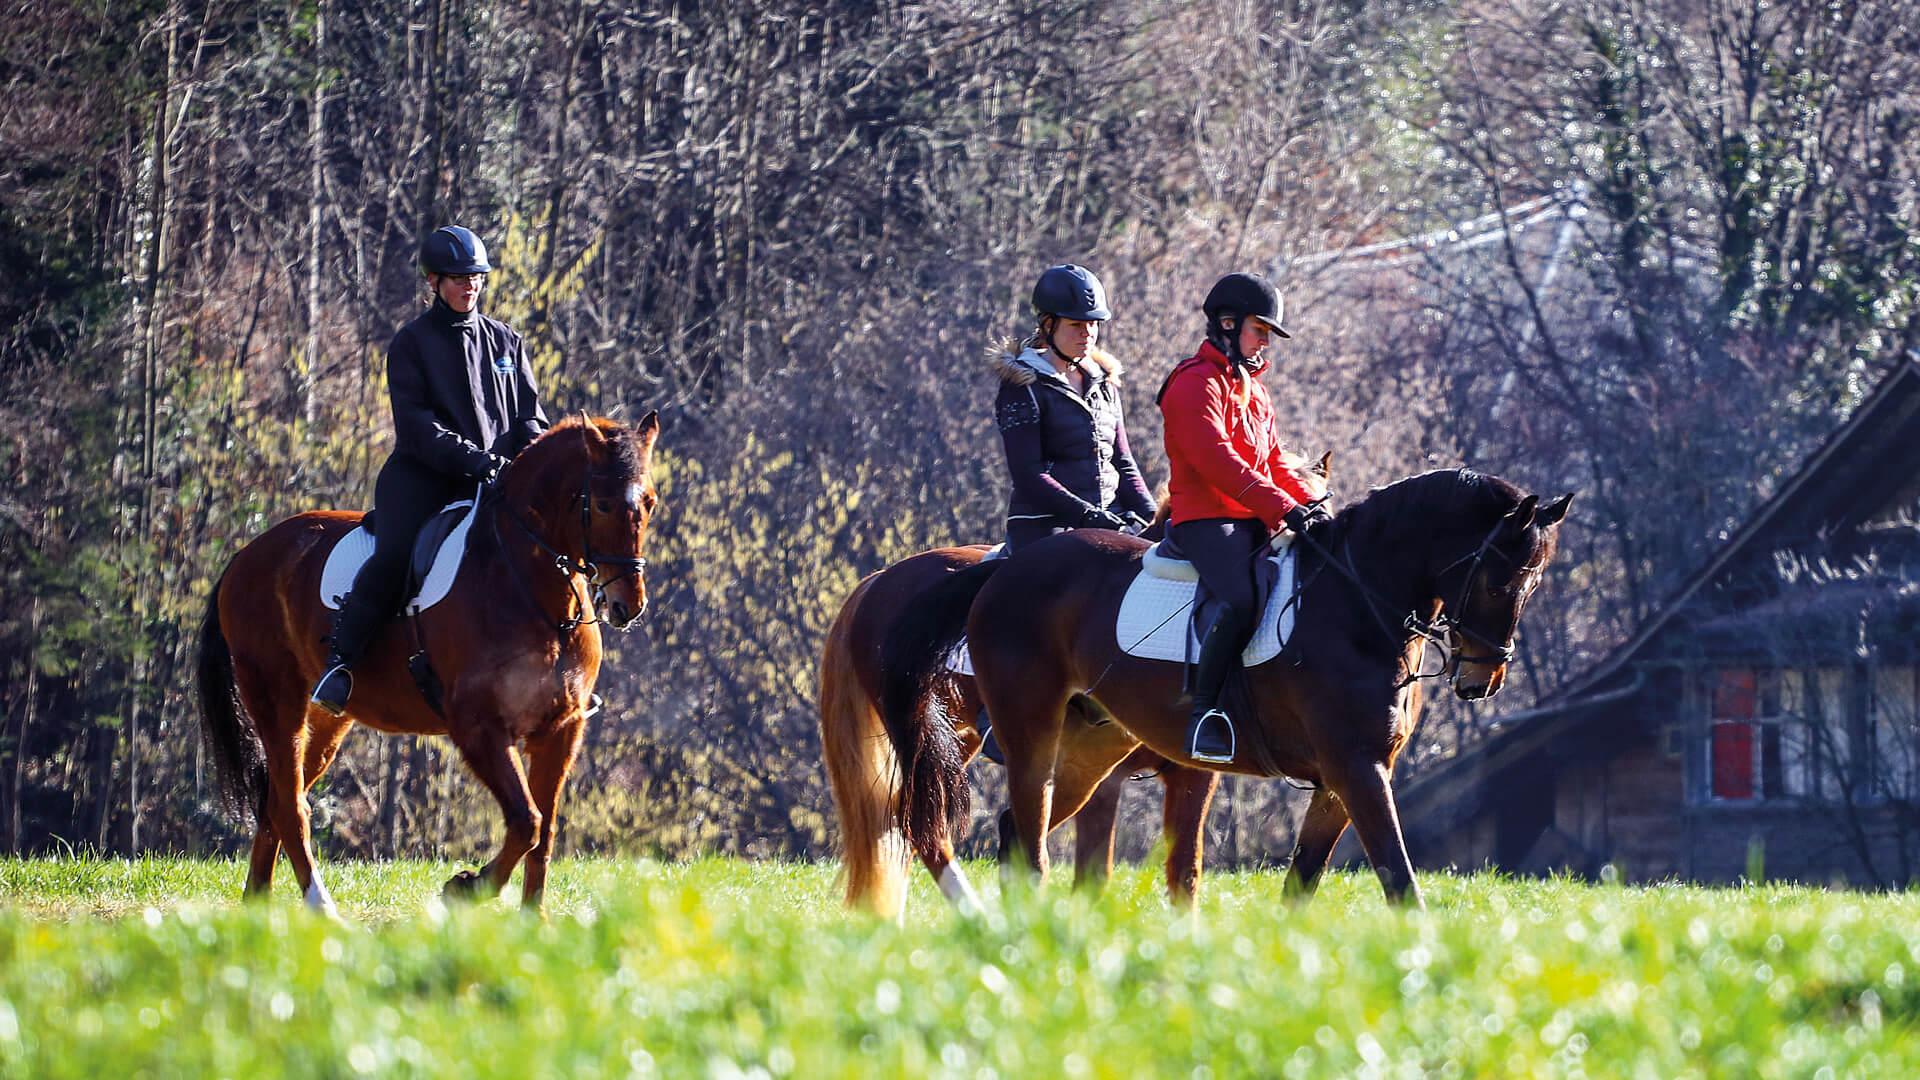 interlaken-reitschule-voegeli-pferde-wiese-reiten